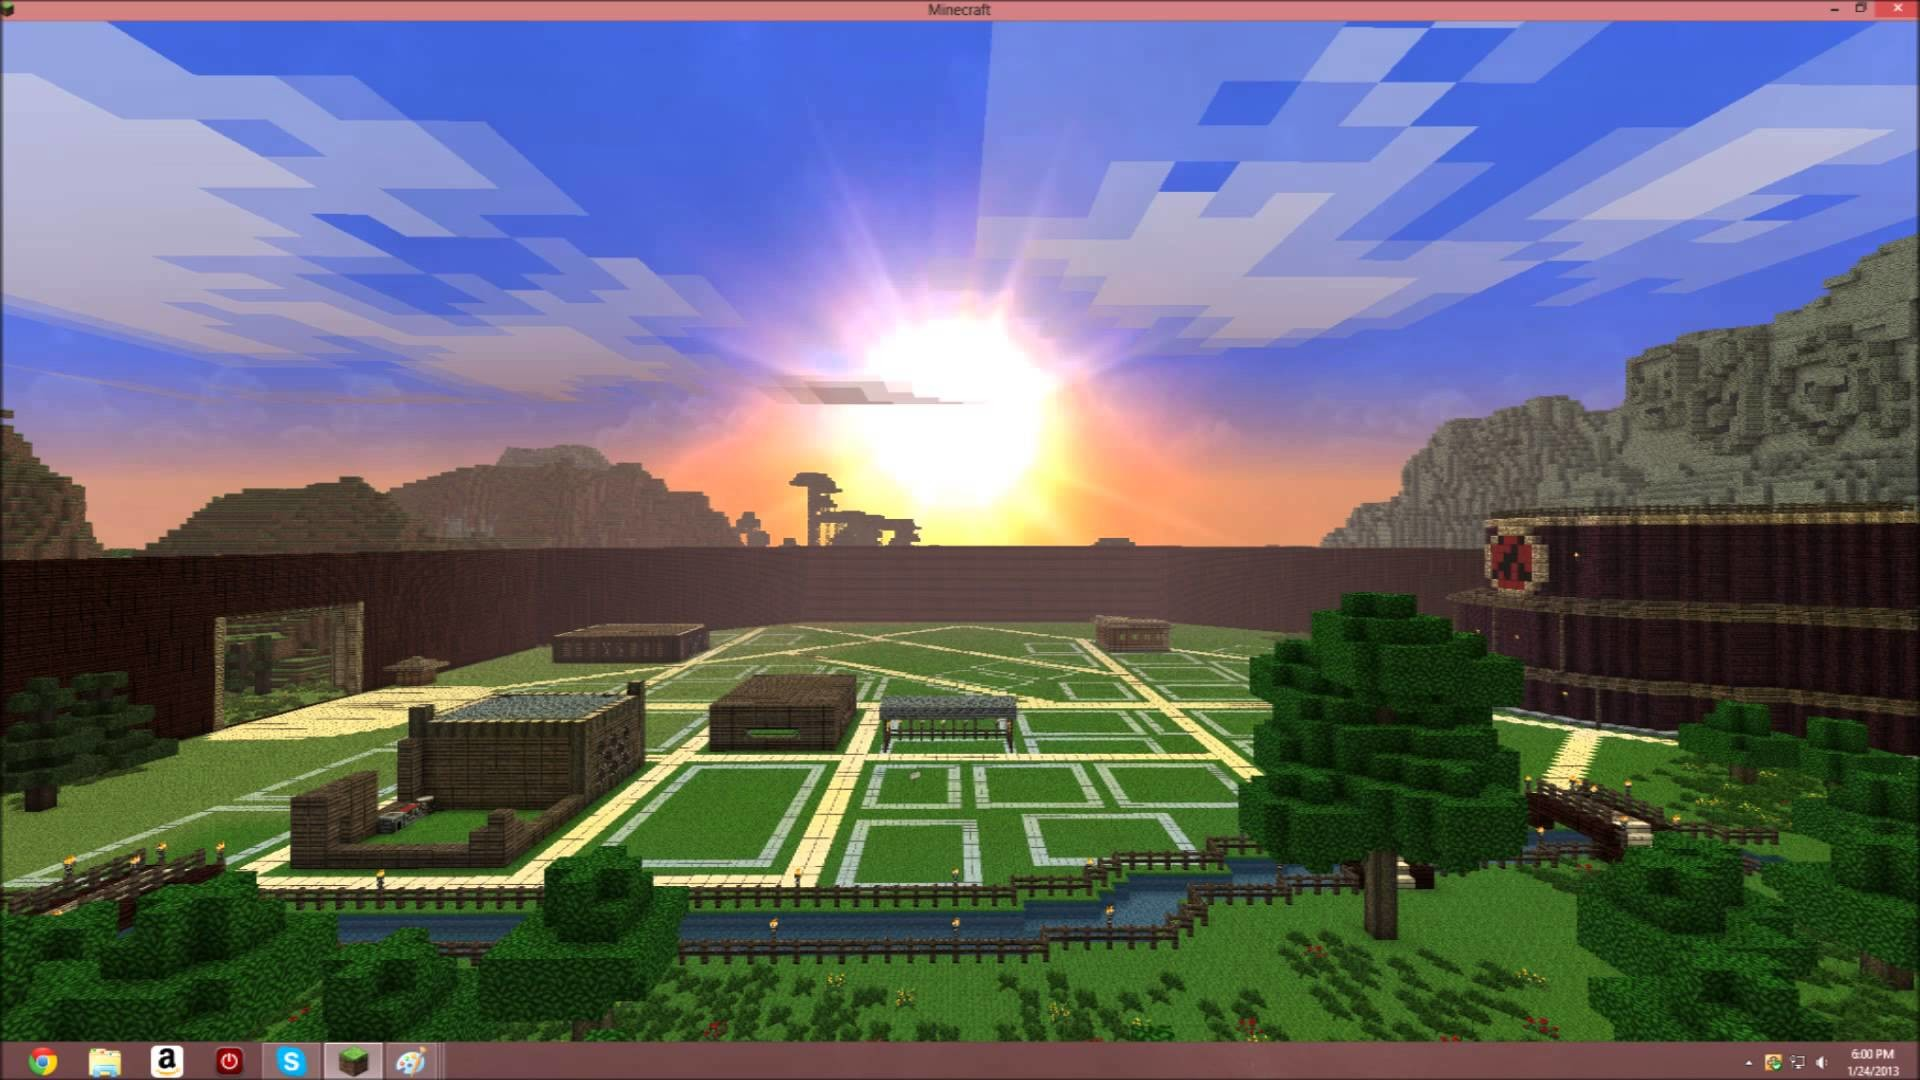 Minecraft server (Hidden leaf village showcase) come join!